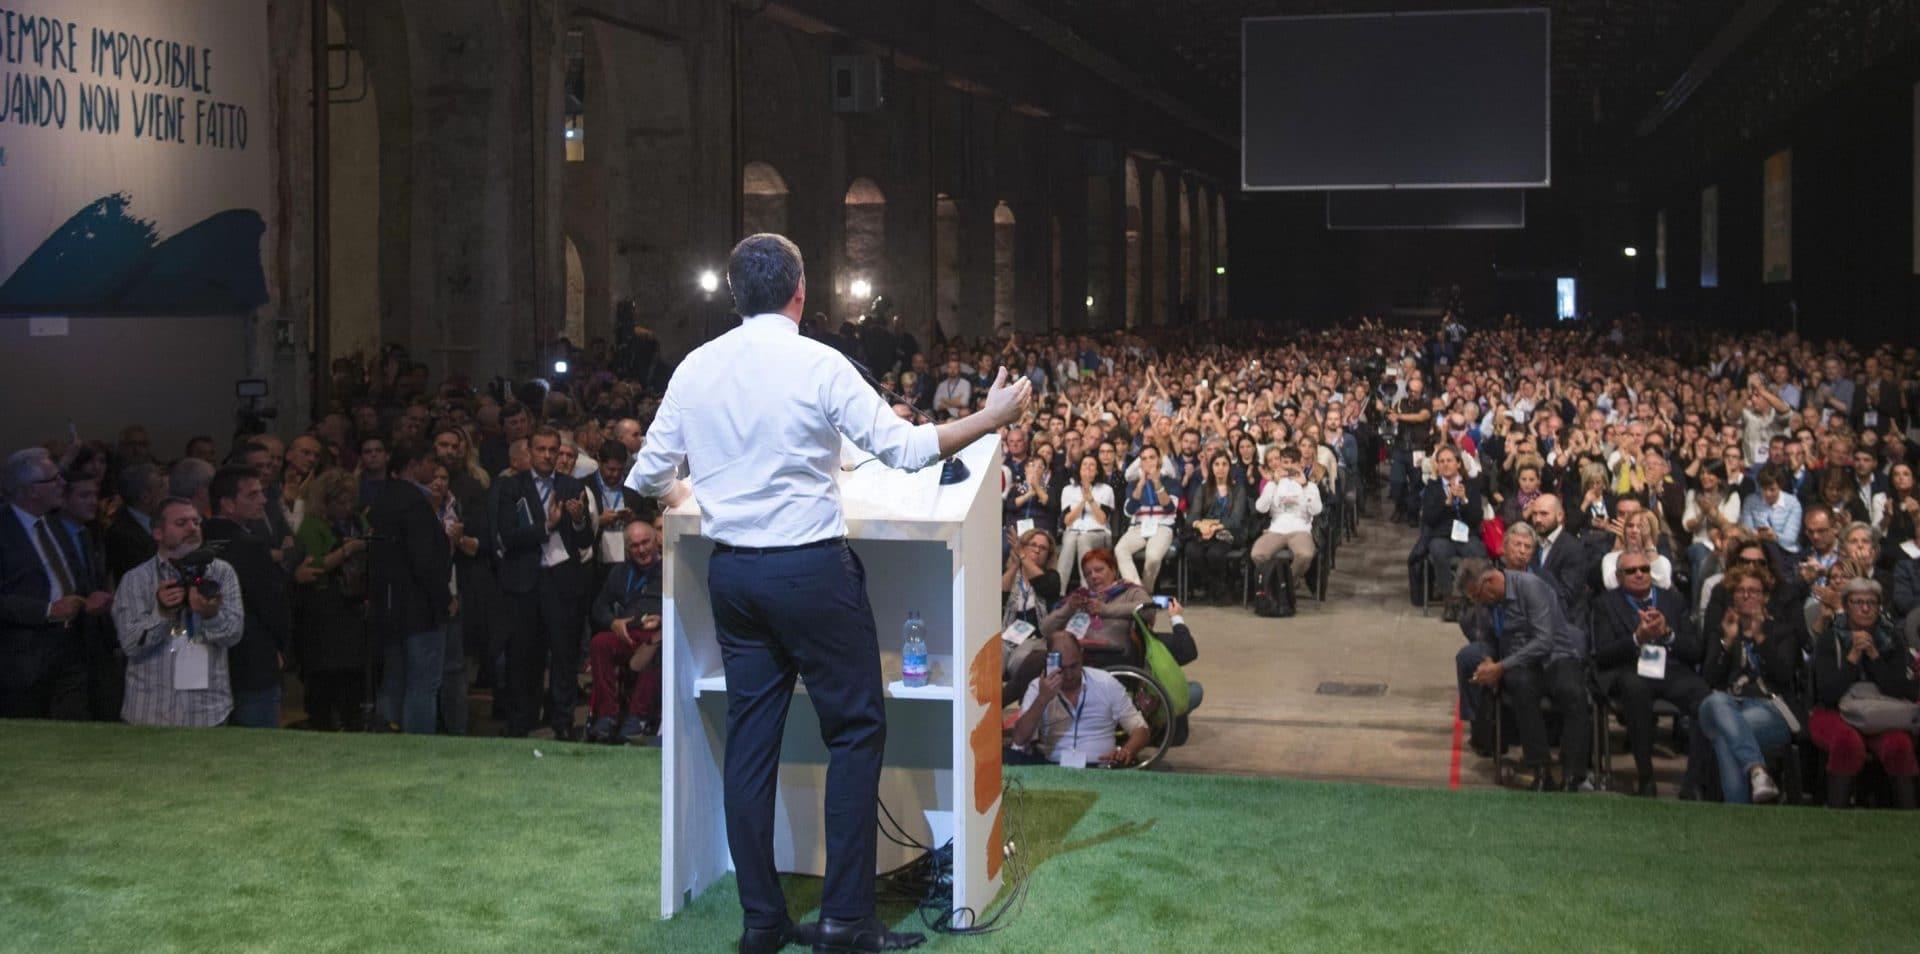 Leopolda 2019, Renzi si prepara al lancio del suo nuovo partito